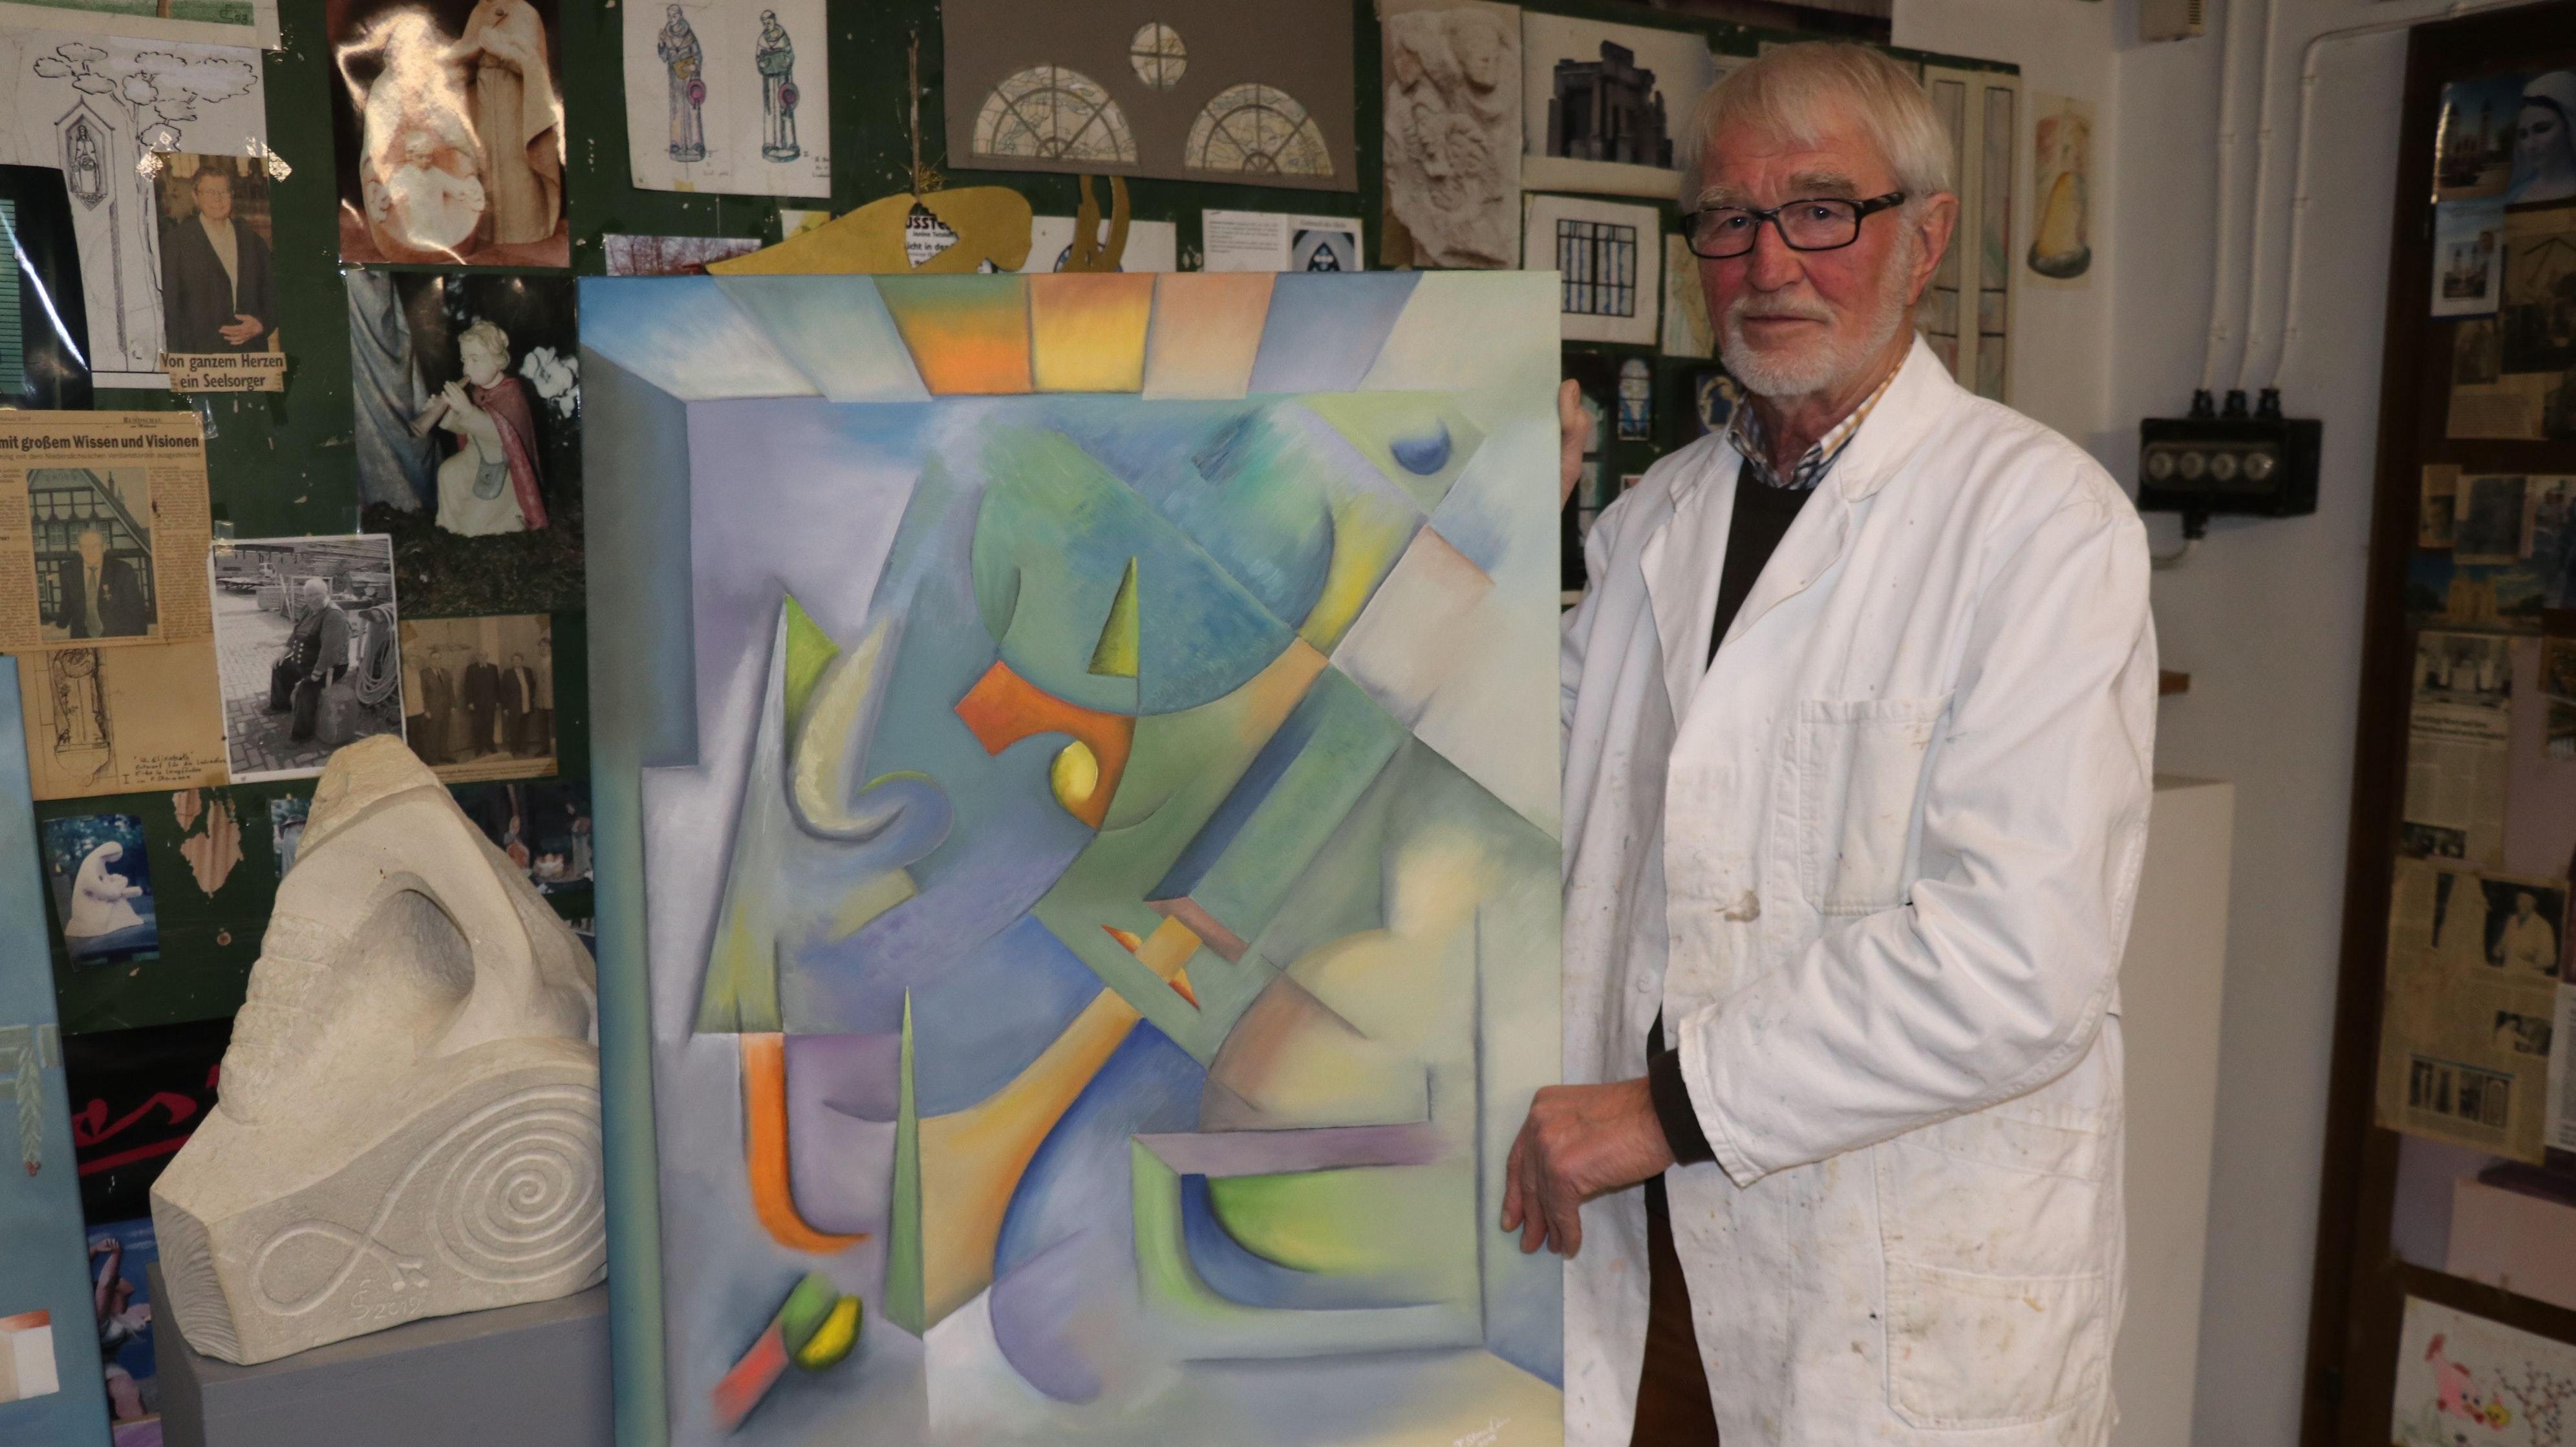 Ein neues Betätigungsfeld: Ferdinand Starmann hat sich in seinem künstlerischen Schaffen auf die Malerei verlegt. Dabei ist er sowohl gegenständlich als auch abstrakt unterwegs. Foto: Lammert